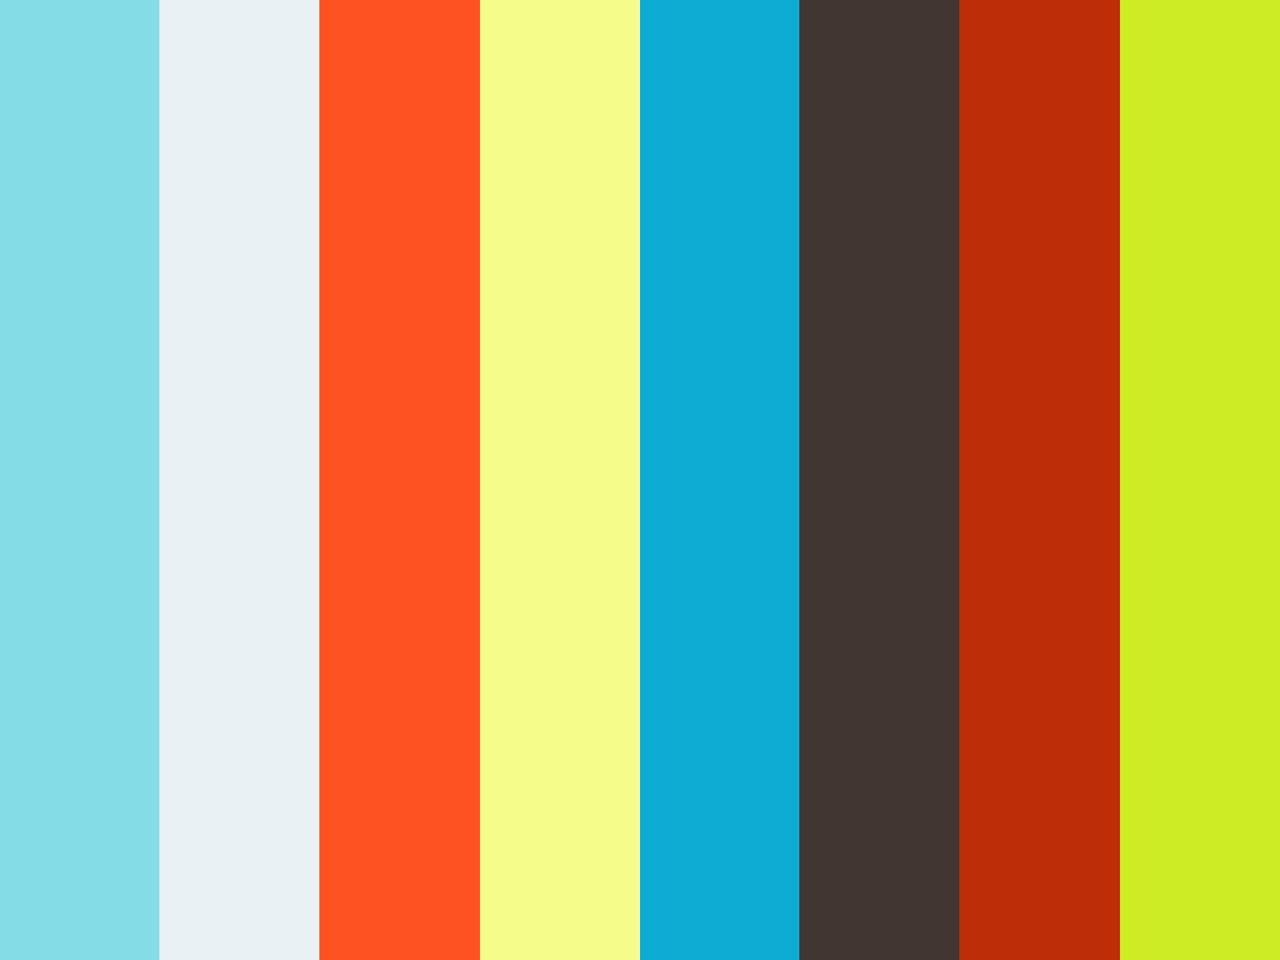 Pattern Background - VJ Loop Pack (7in1)